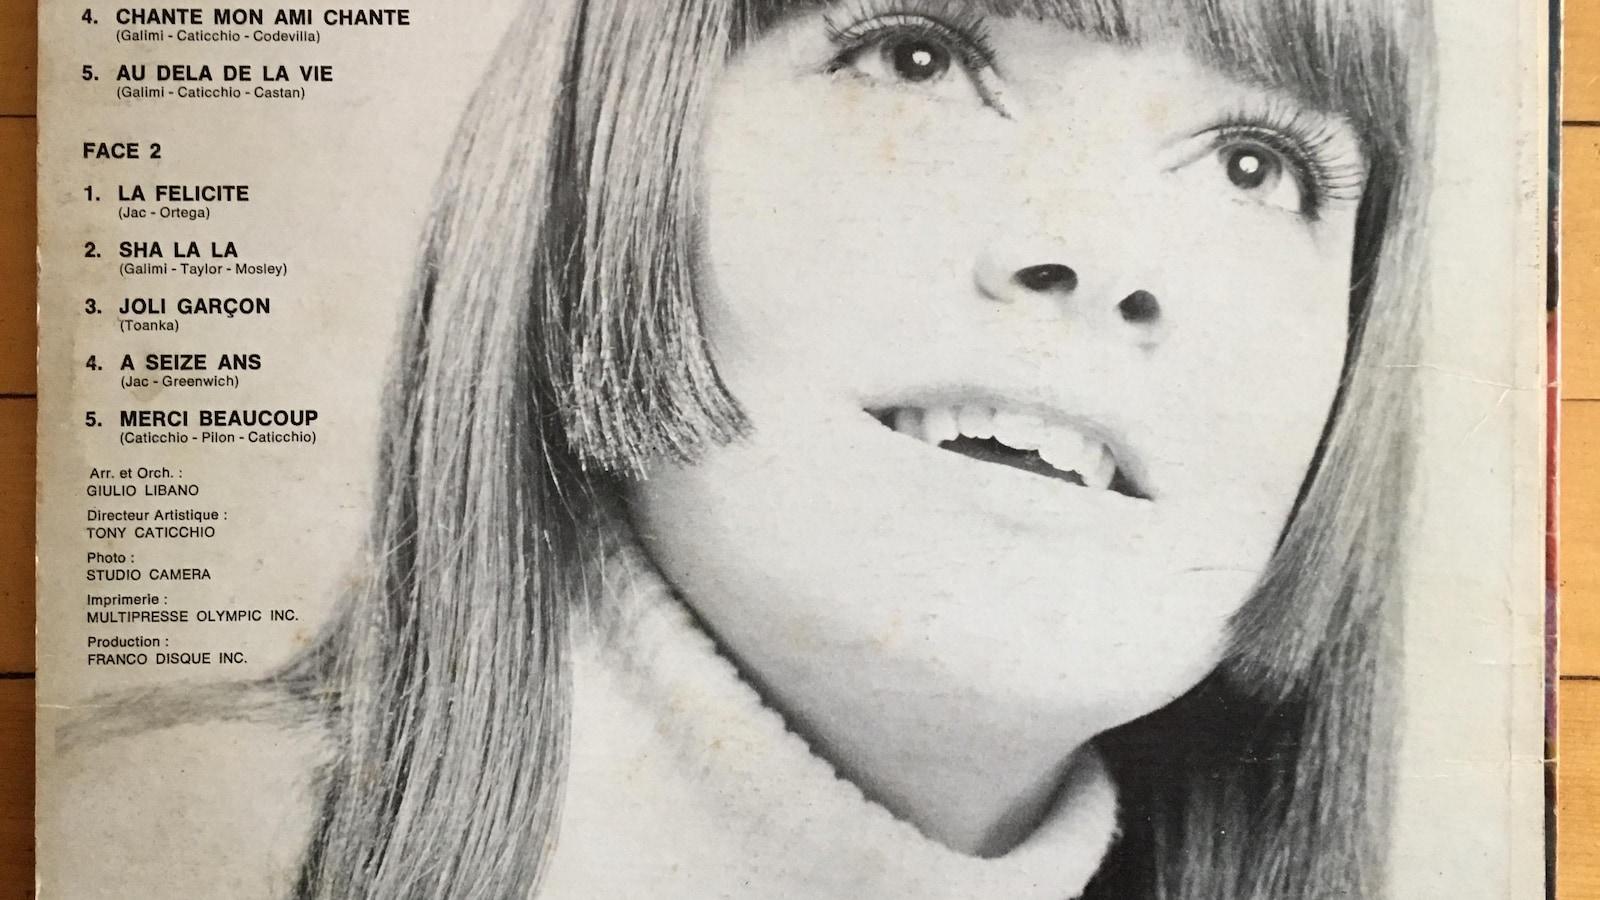 Le visage de Nada avec la liste des chansons à gauche.